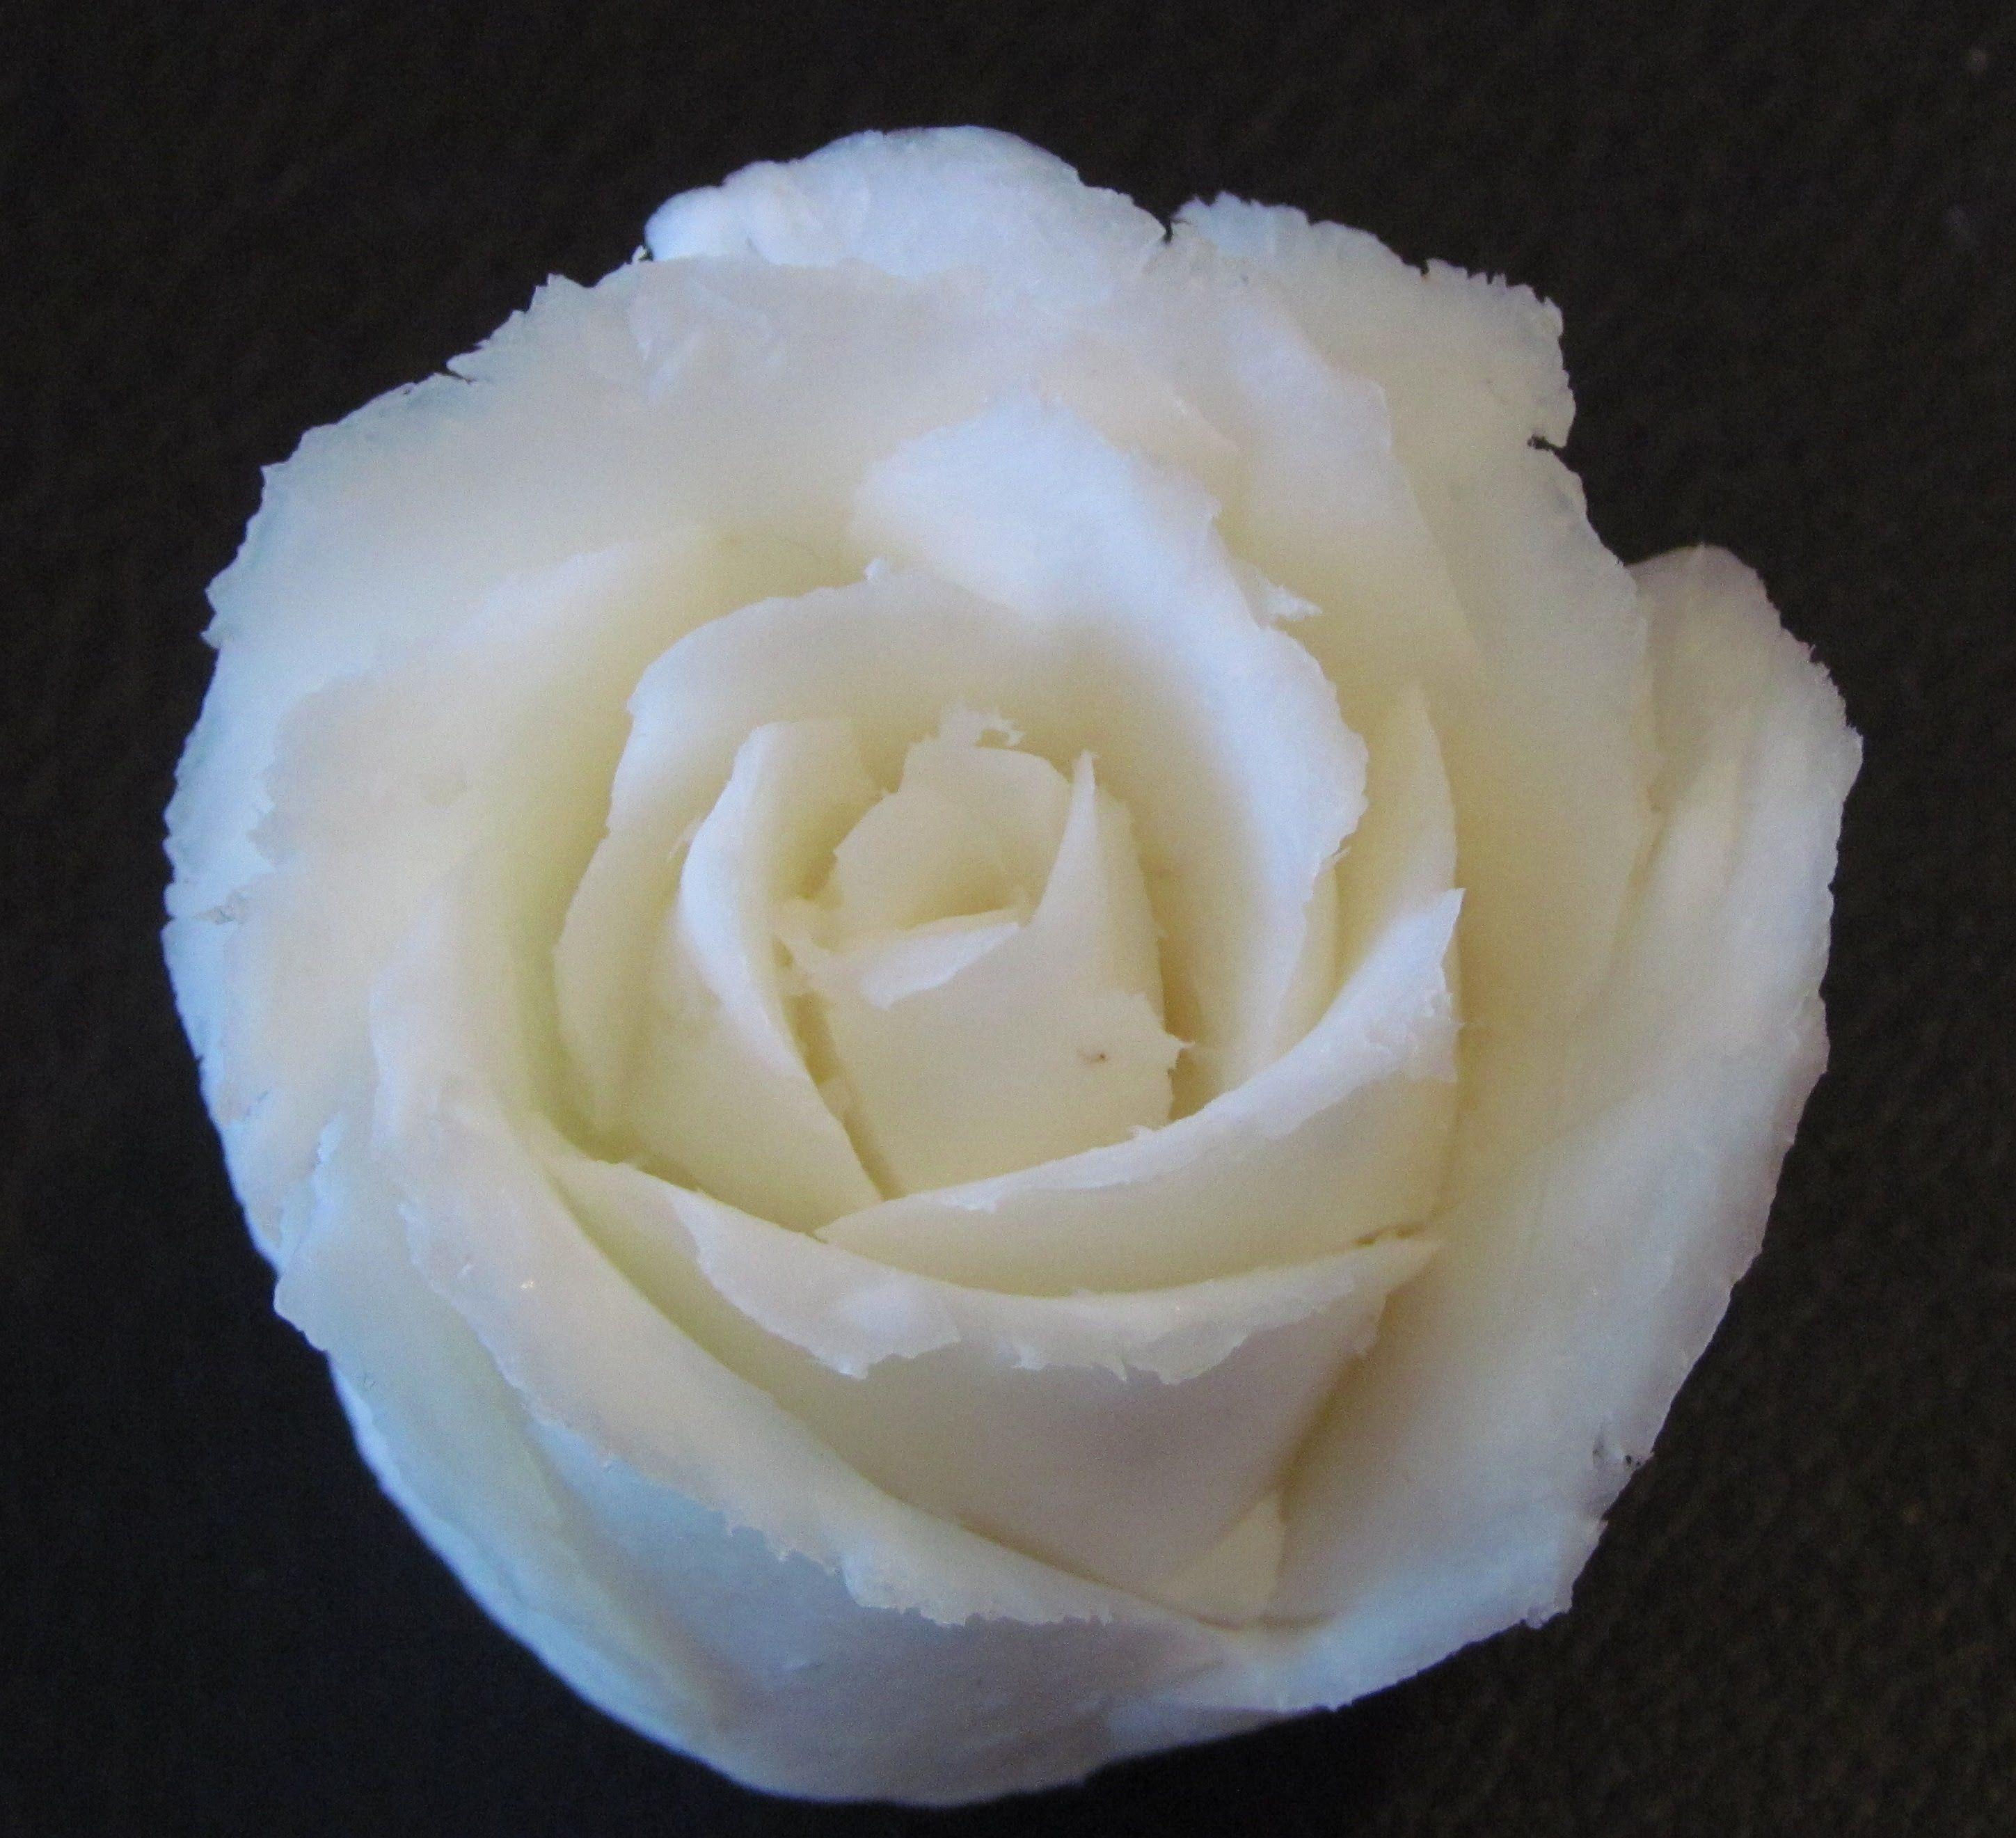 Cách tỉa hoa hồng từ xà phòngcarving soap roserose schnitzen aus